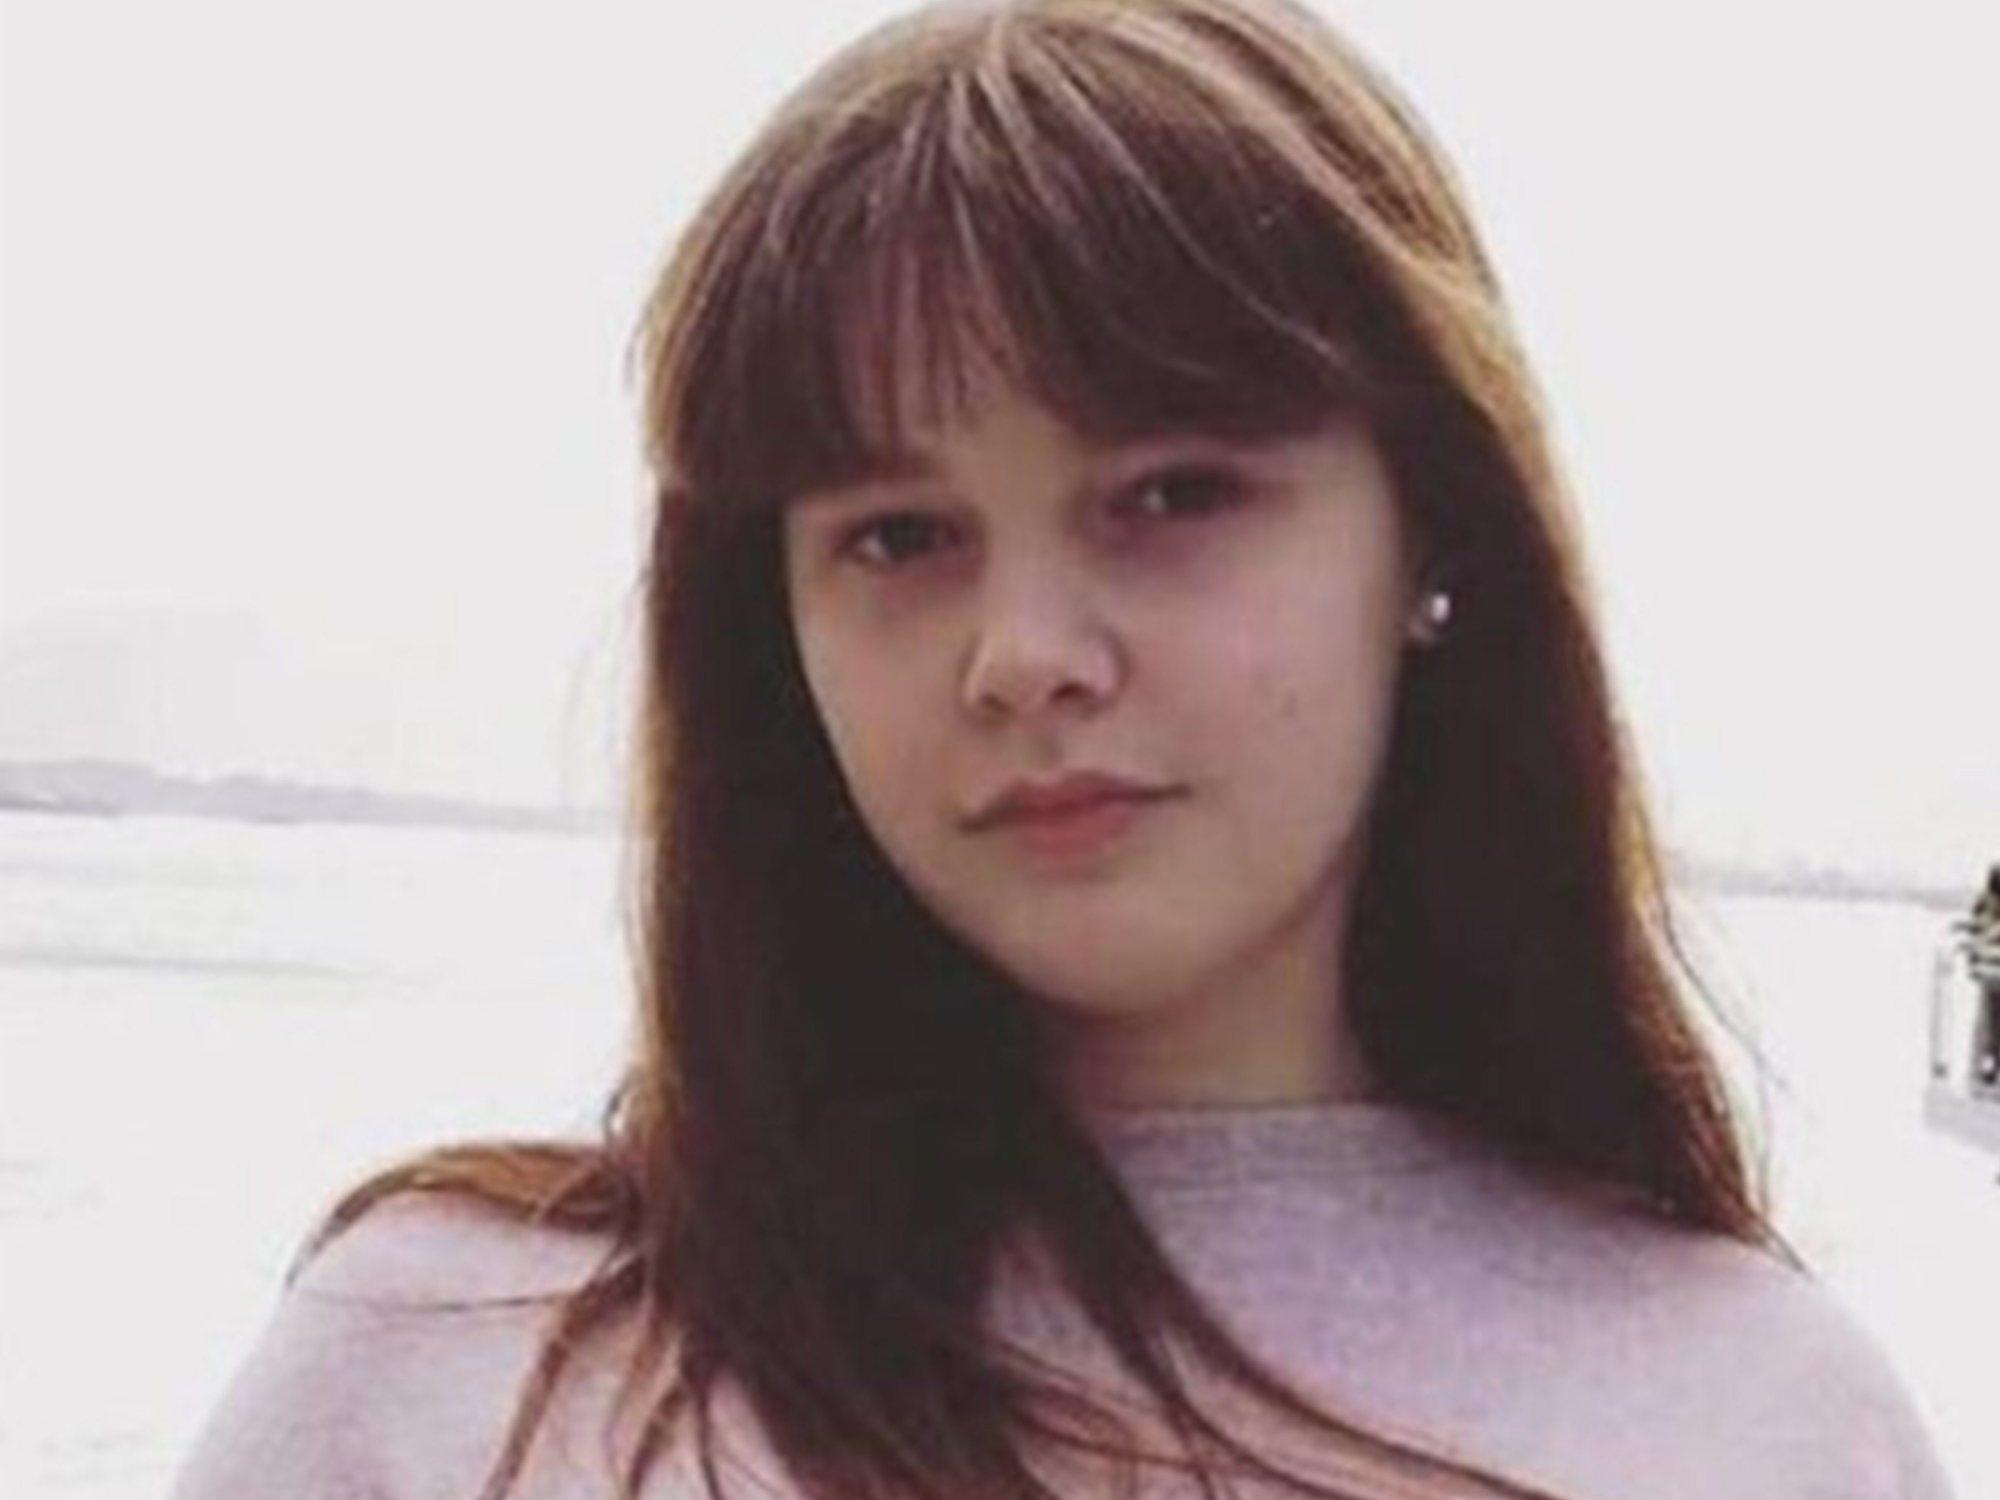 Celia Cavia, víctima de bullying, dejó una nota antes de morir en el acantilado de Santander